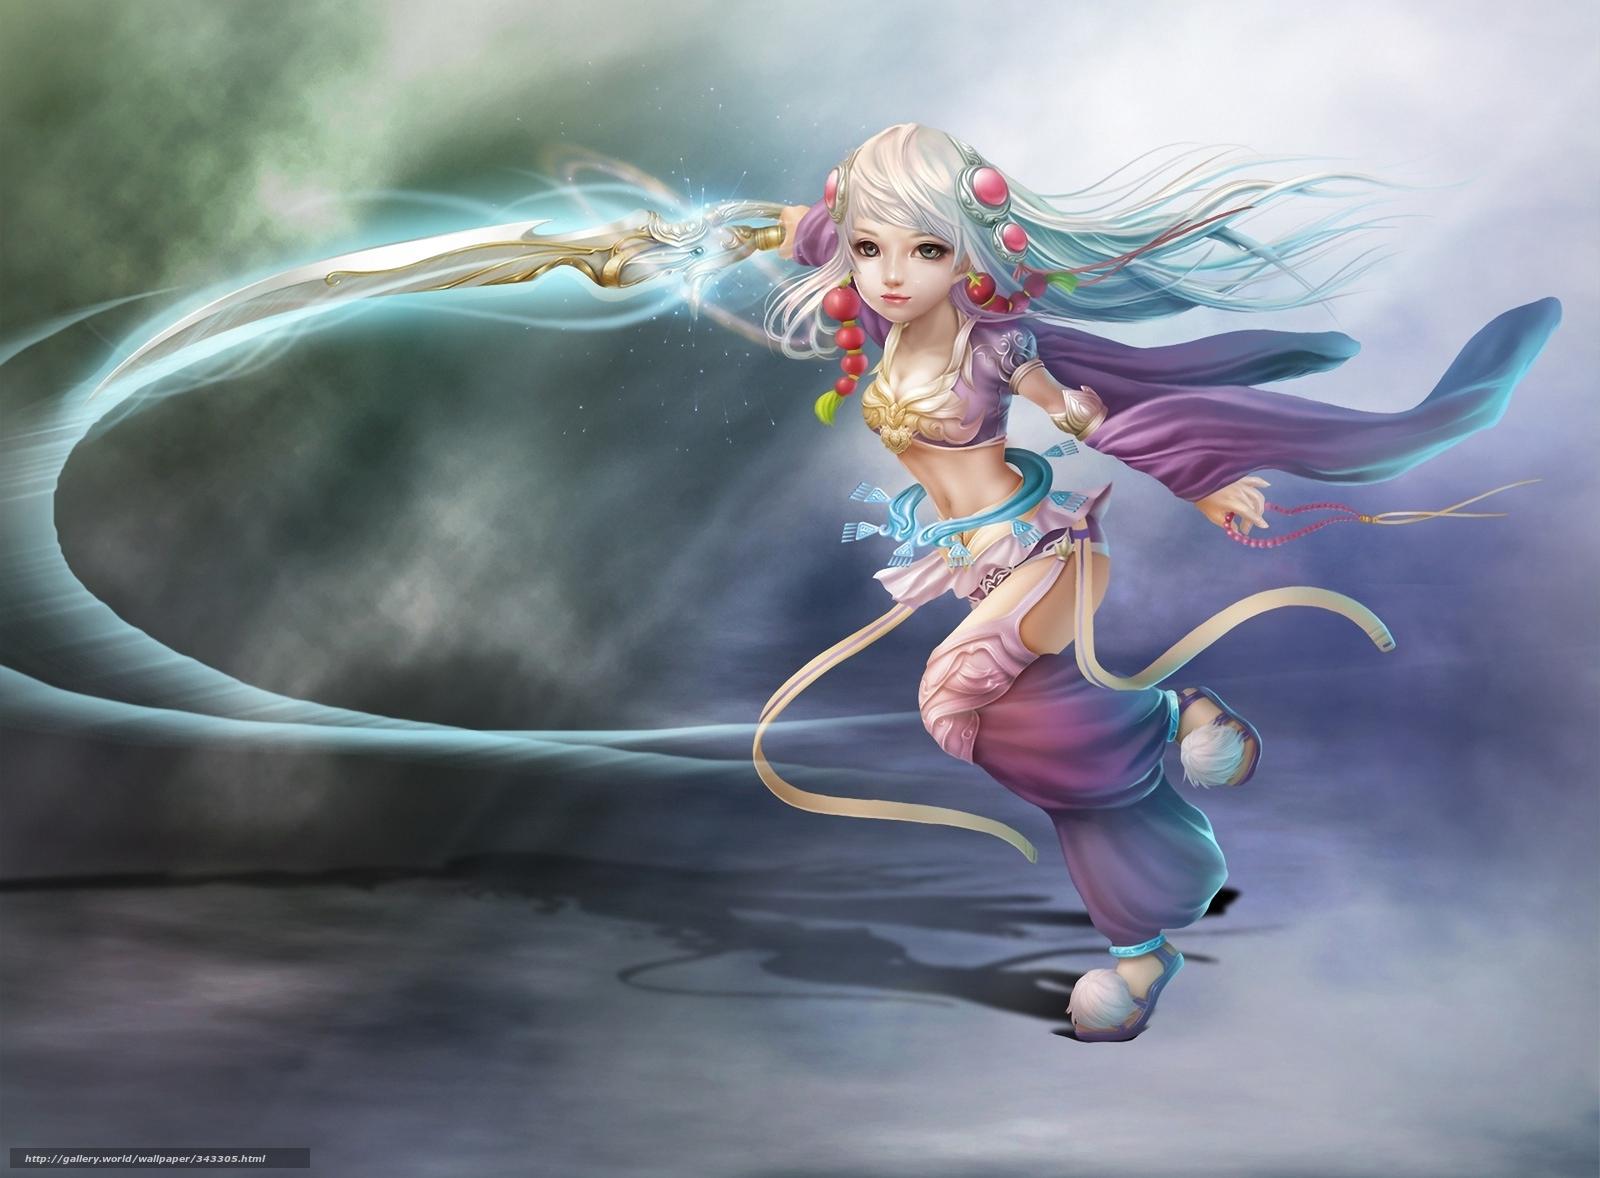 Скачать обои арт,  девочка,  меч,  оружие бесплатно для рабочего стола в разрешении 1920x1414 — картинка №343305